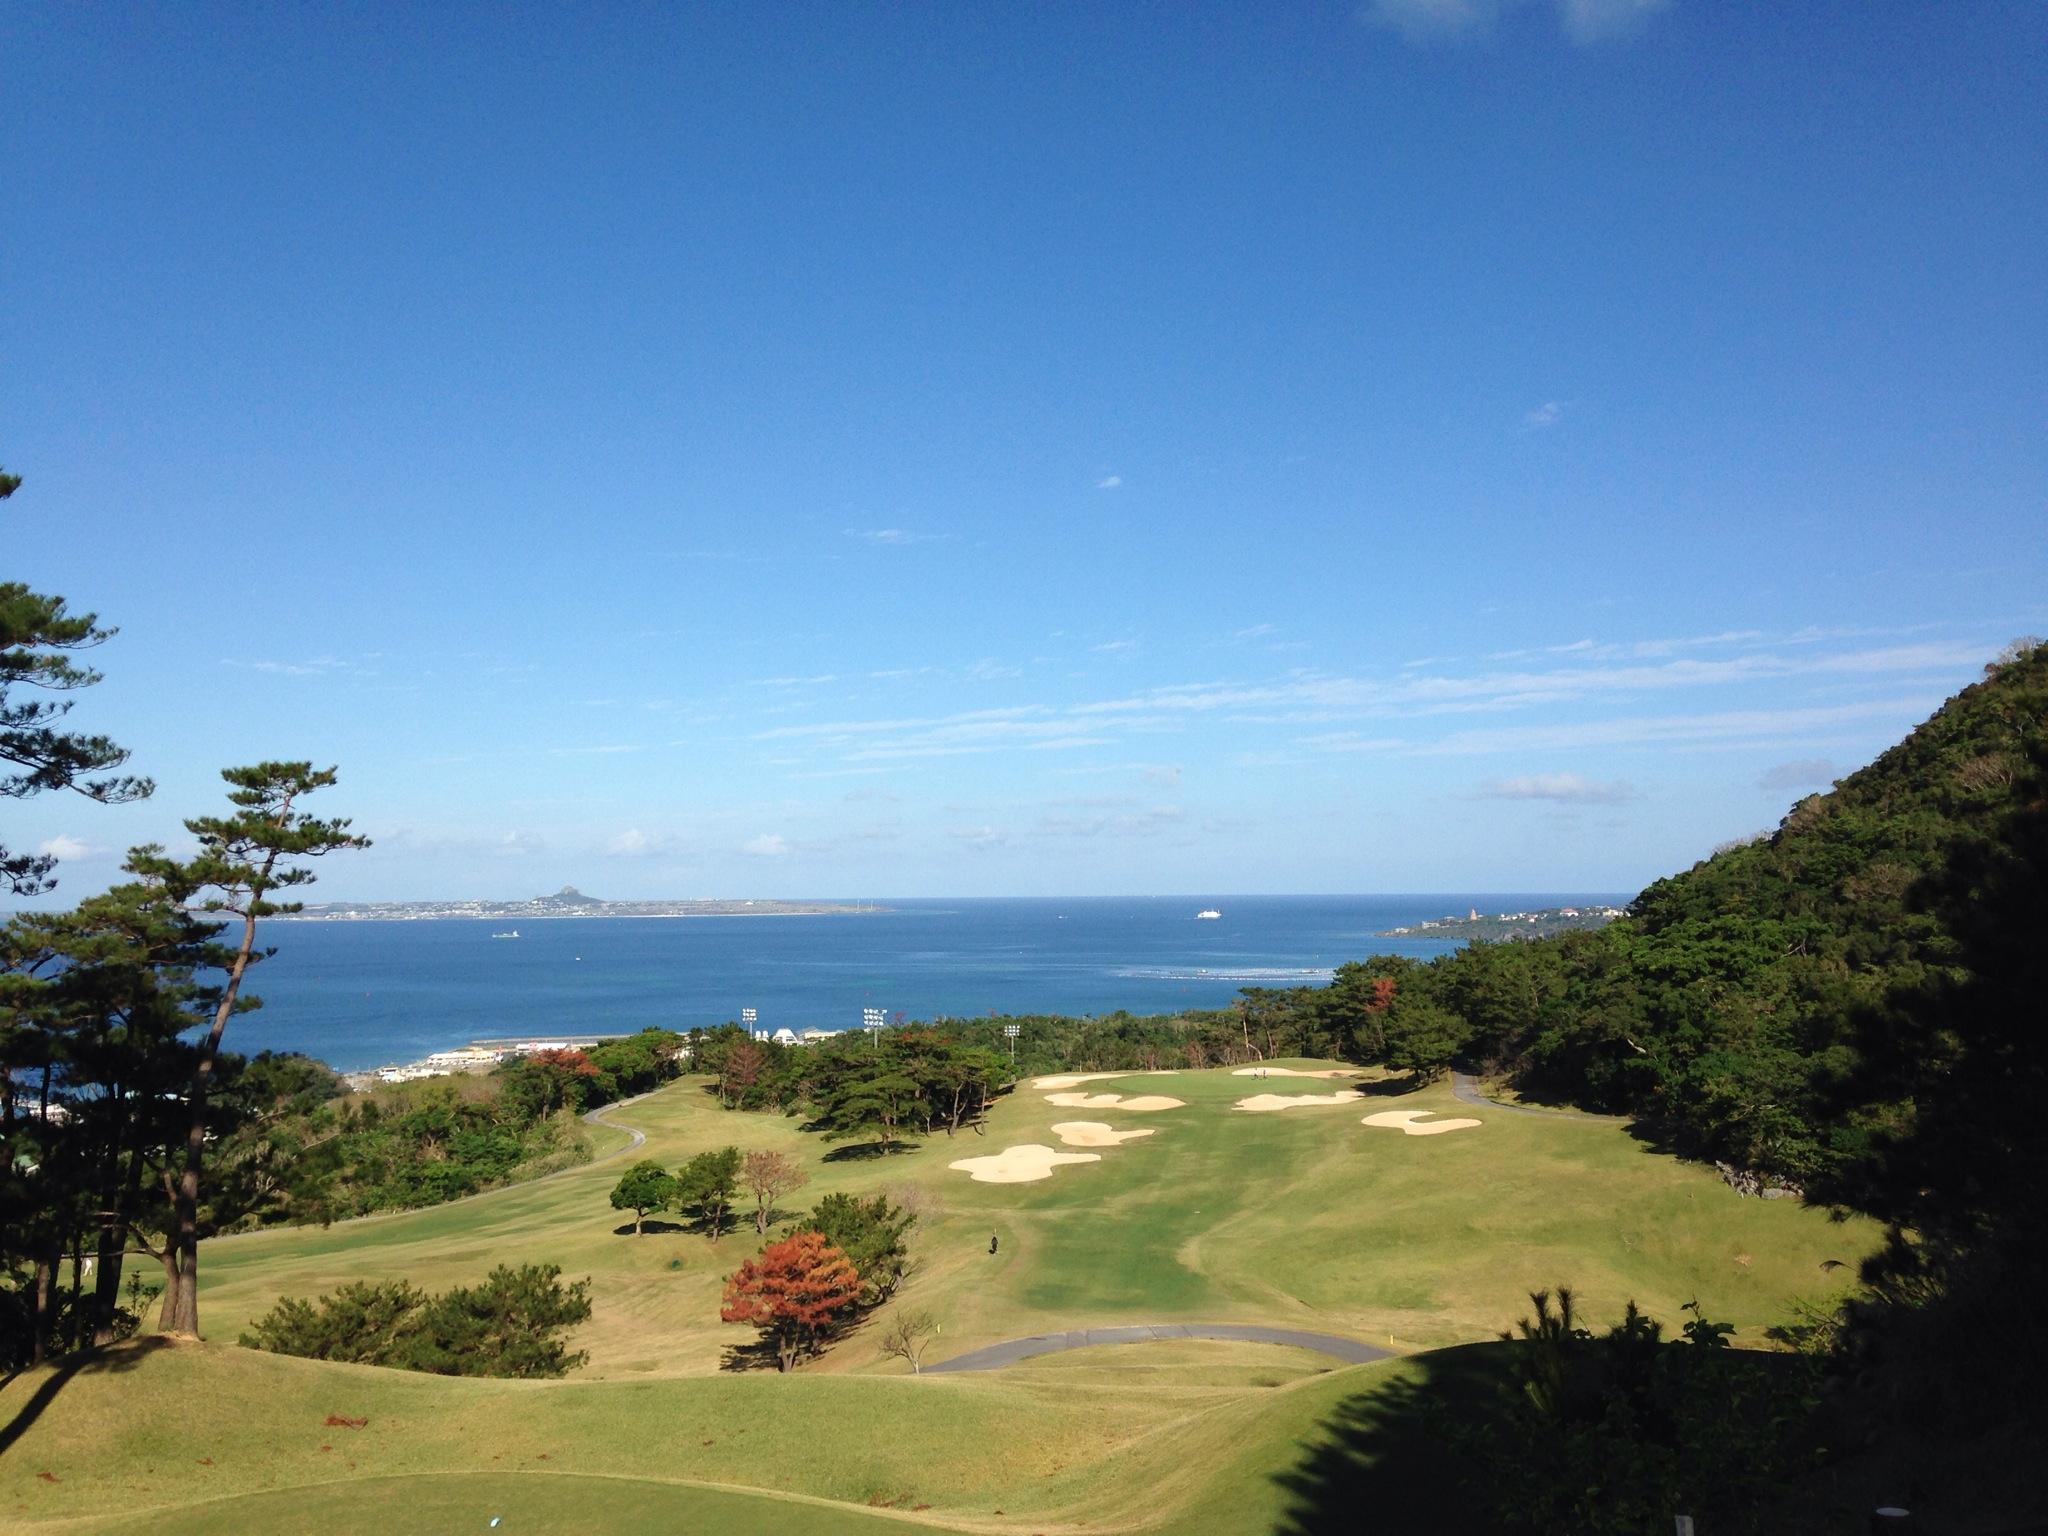 ベルビーチゴルフクラブ、宮里三兄弟が沖縄で腕を磨いた、海が見える絶景ゴルフ場でのラウンド  その1